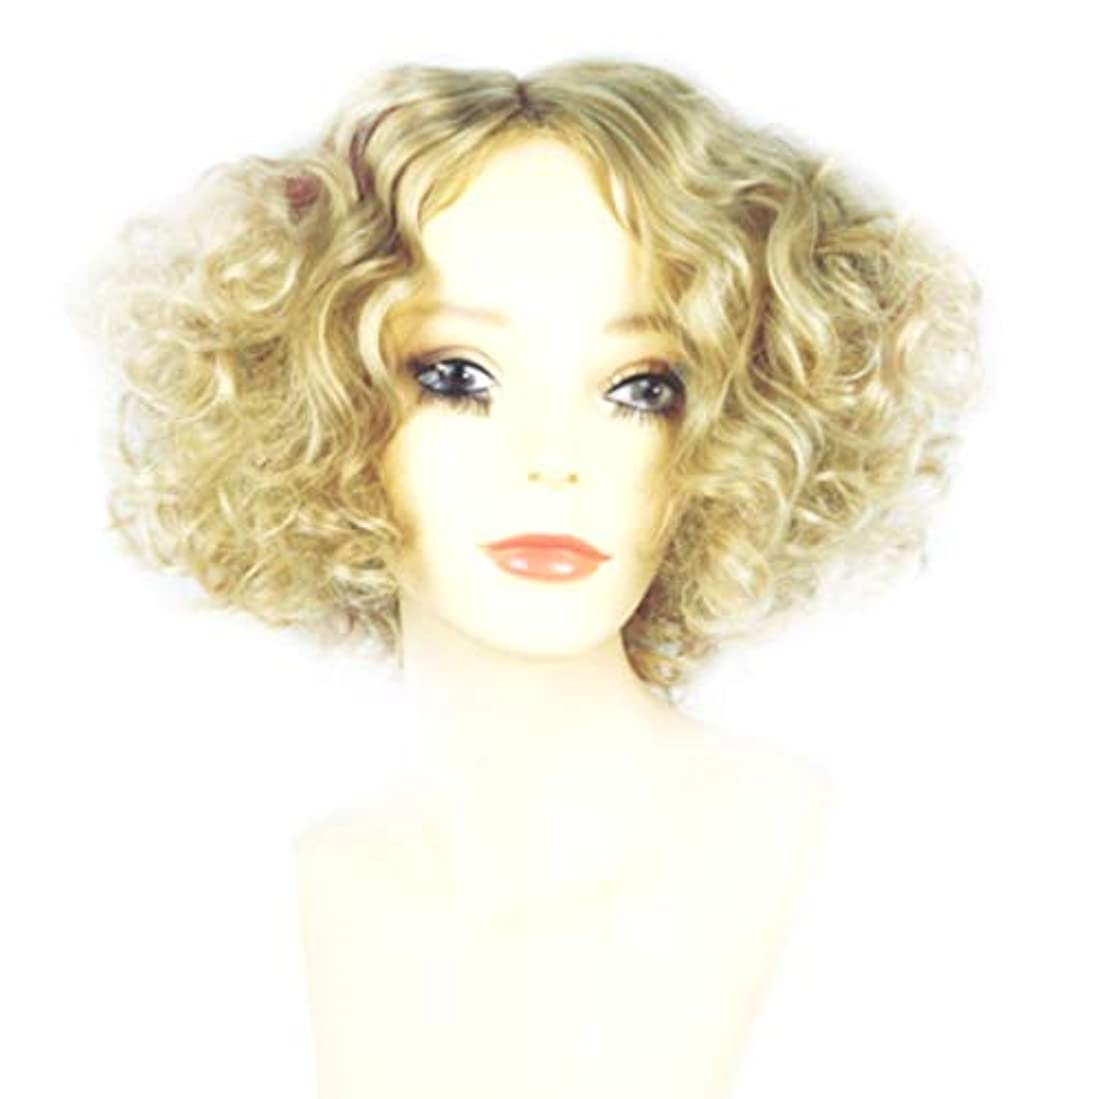 クリークする必要があるカストディアンKerwinner 女性のための短い巻き毛のかつらブロンドのボブの髪かつら自然に見える耐熱合成かつら